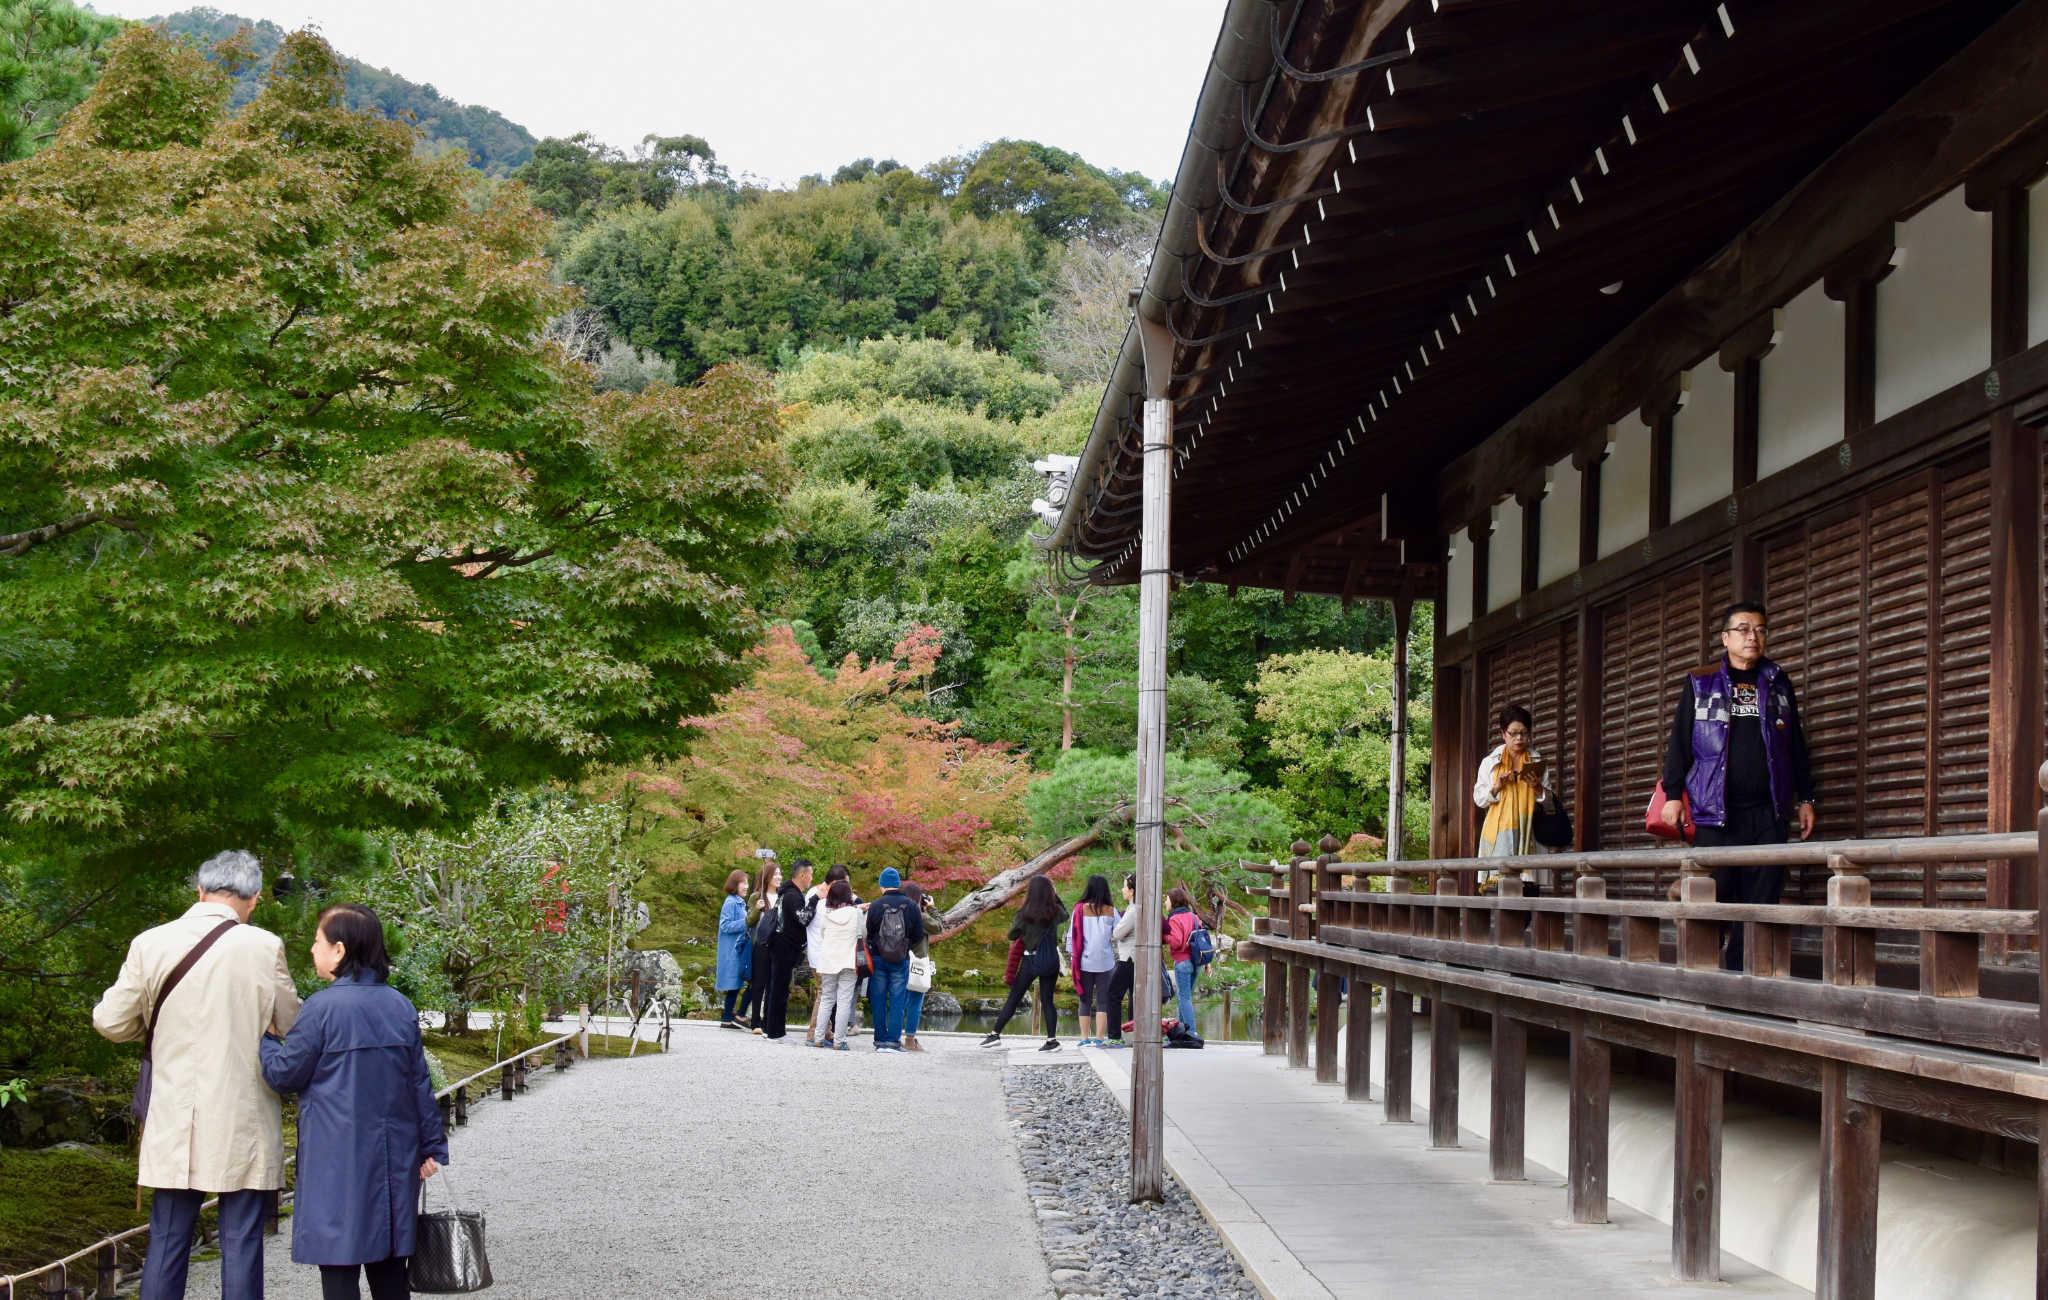 Des coursives en bois permettent de faire le tour du temple